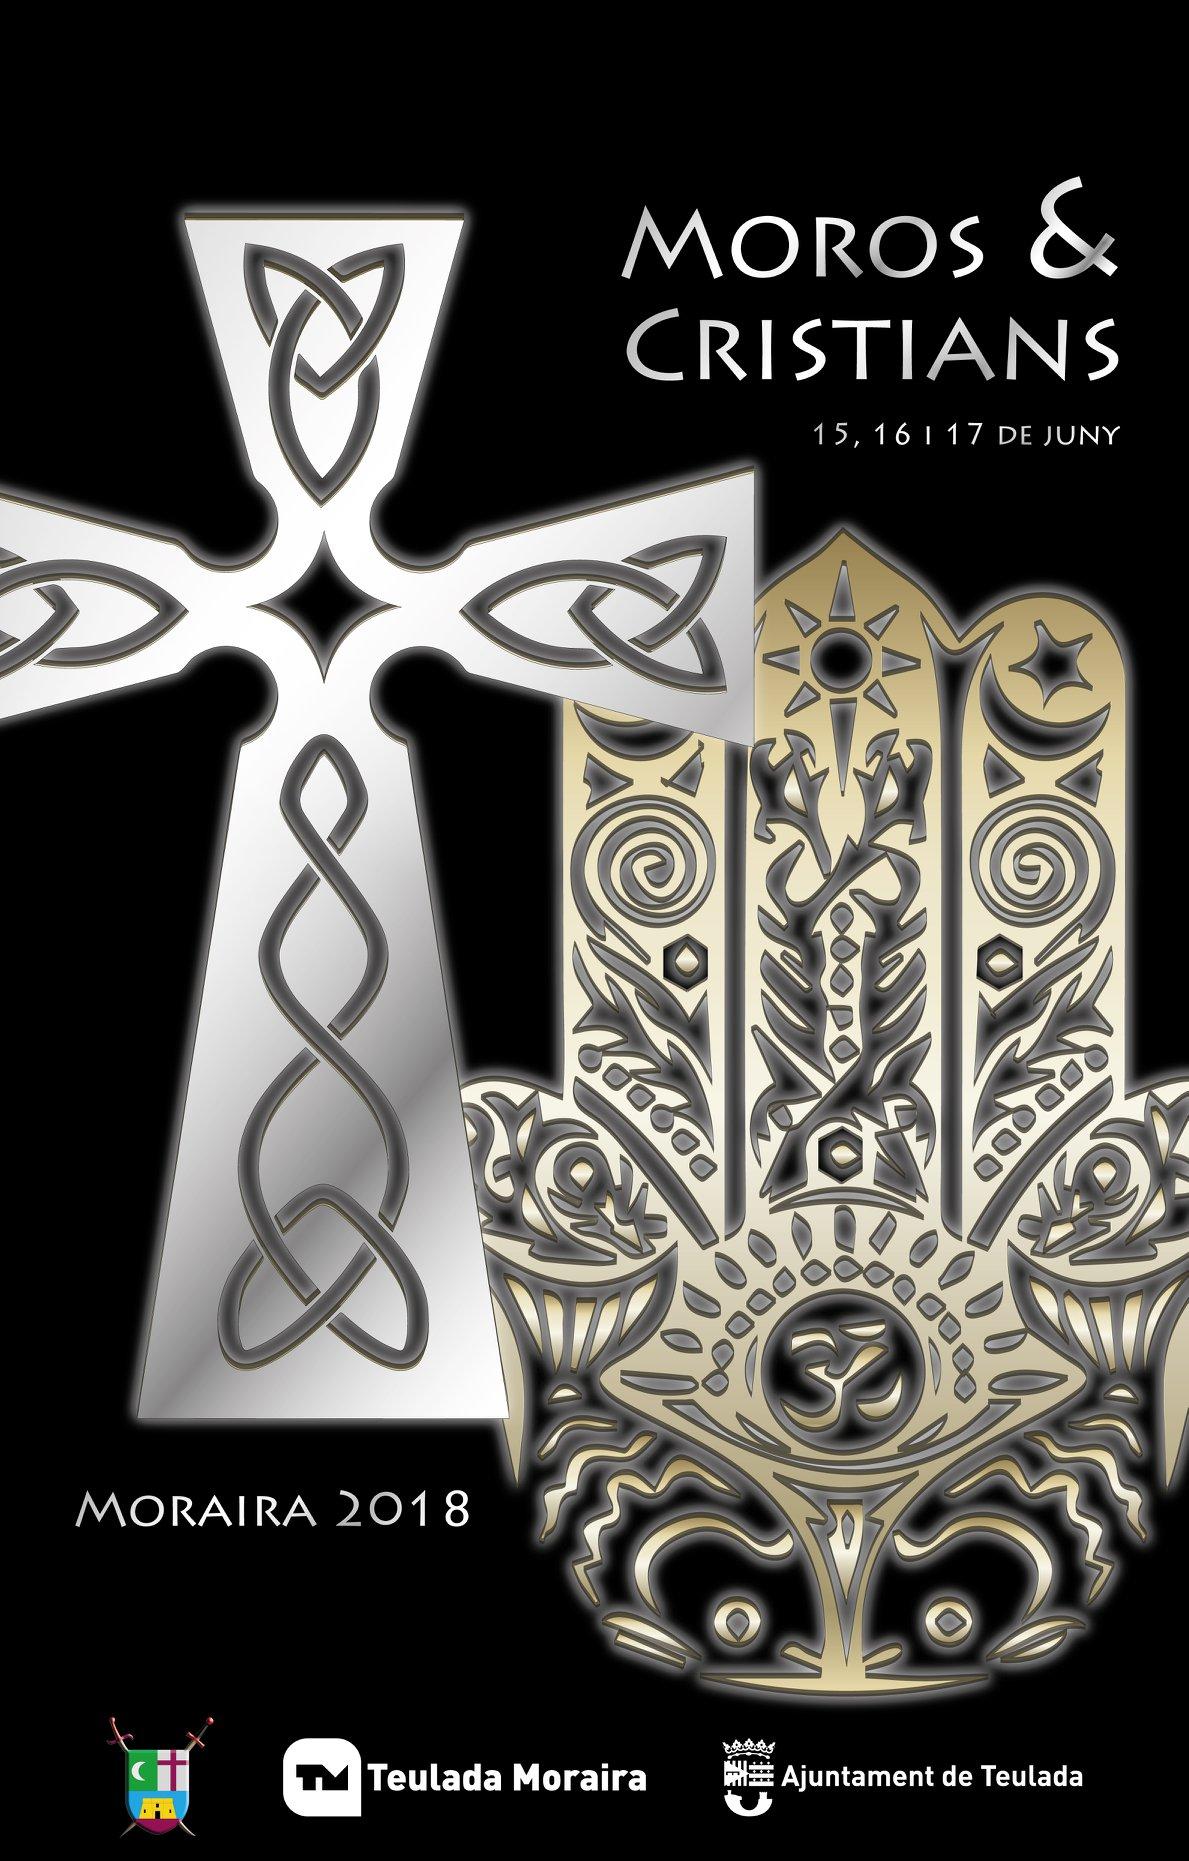 Moros y Cristianos Moraira